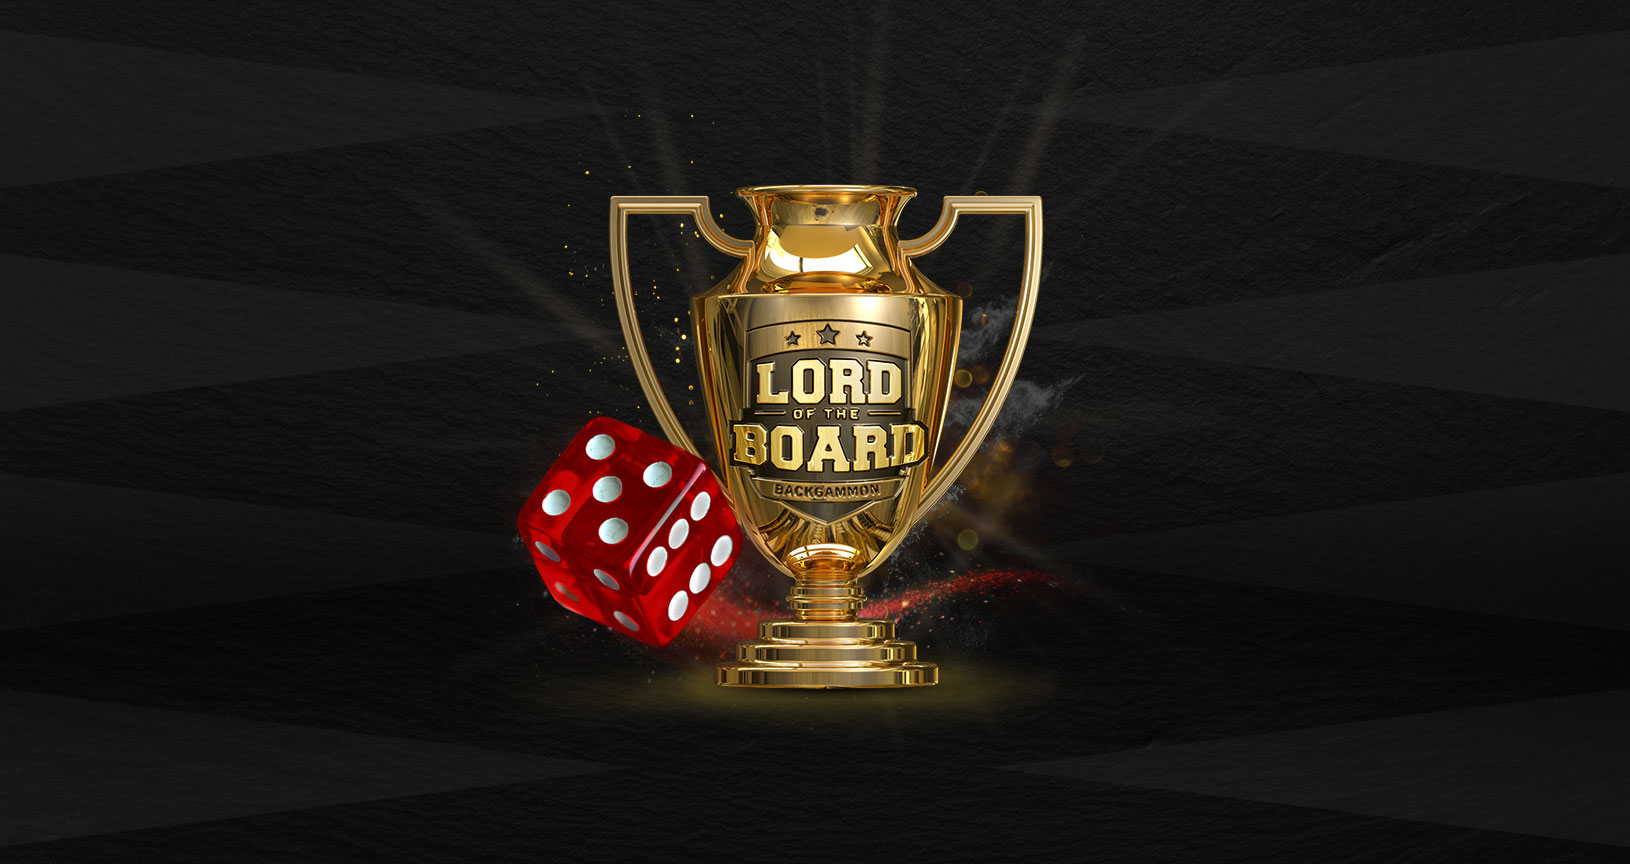 Backgammon - Loard of the Board